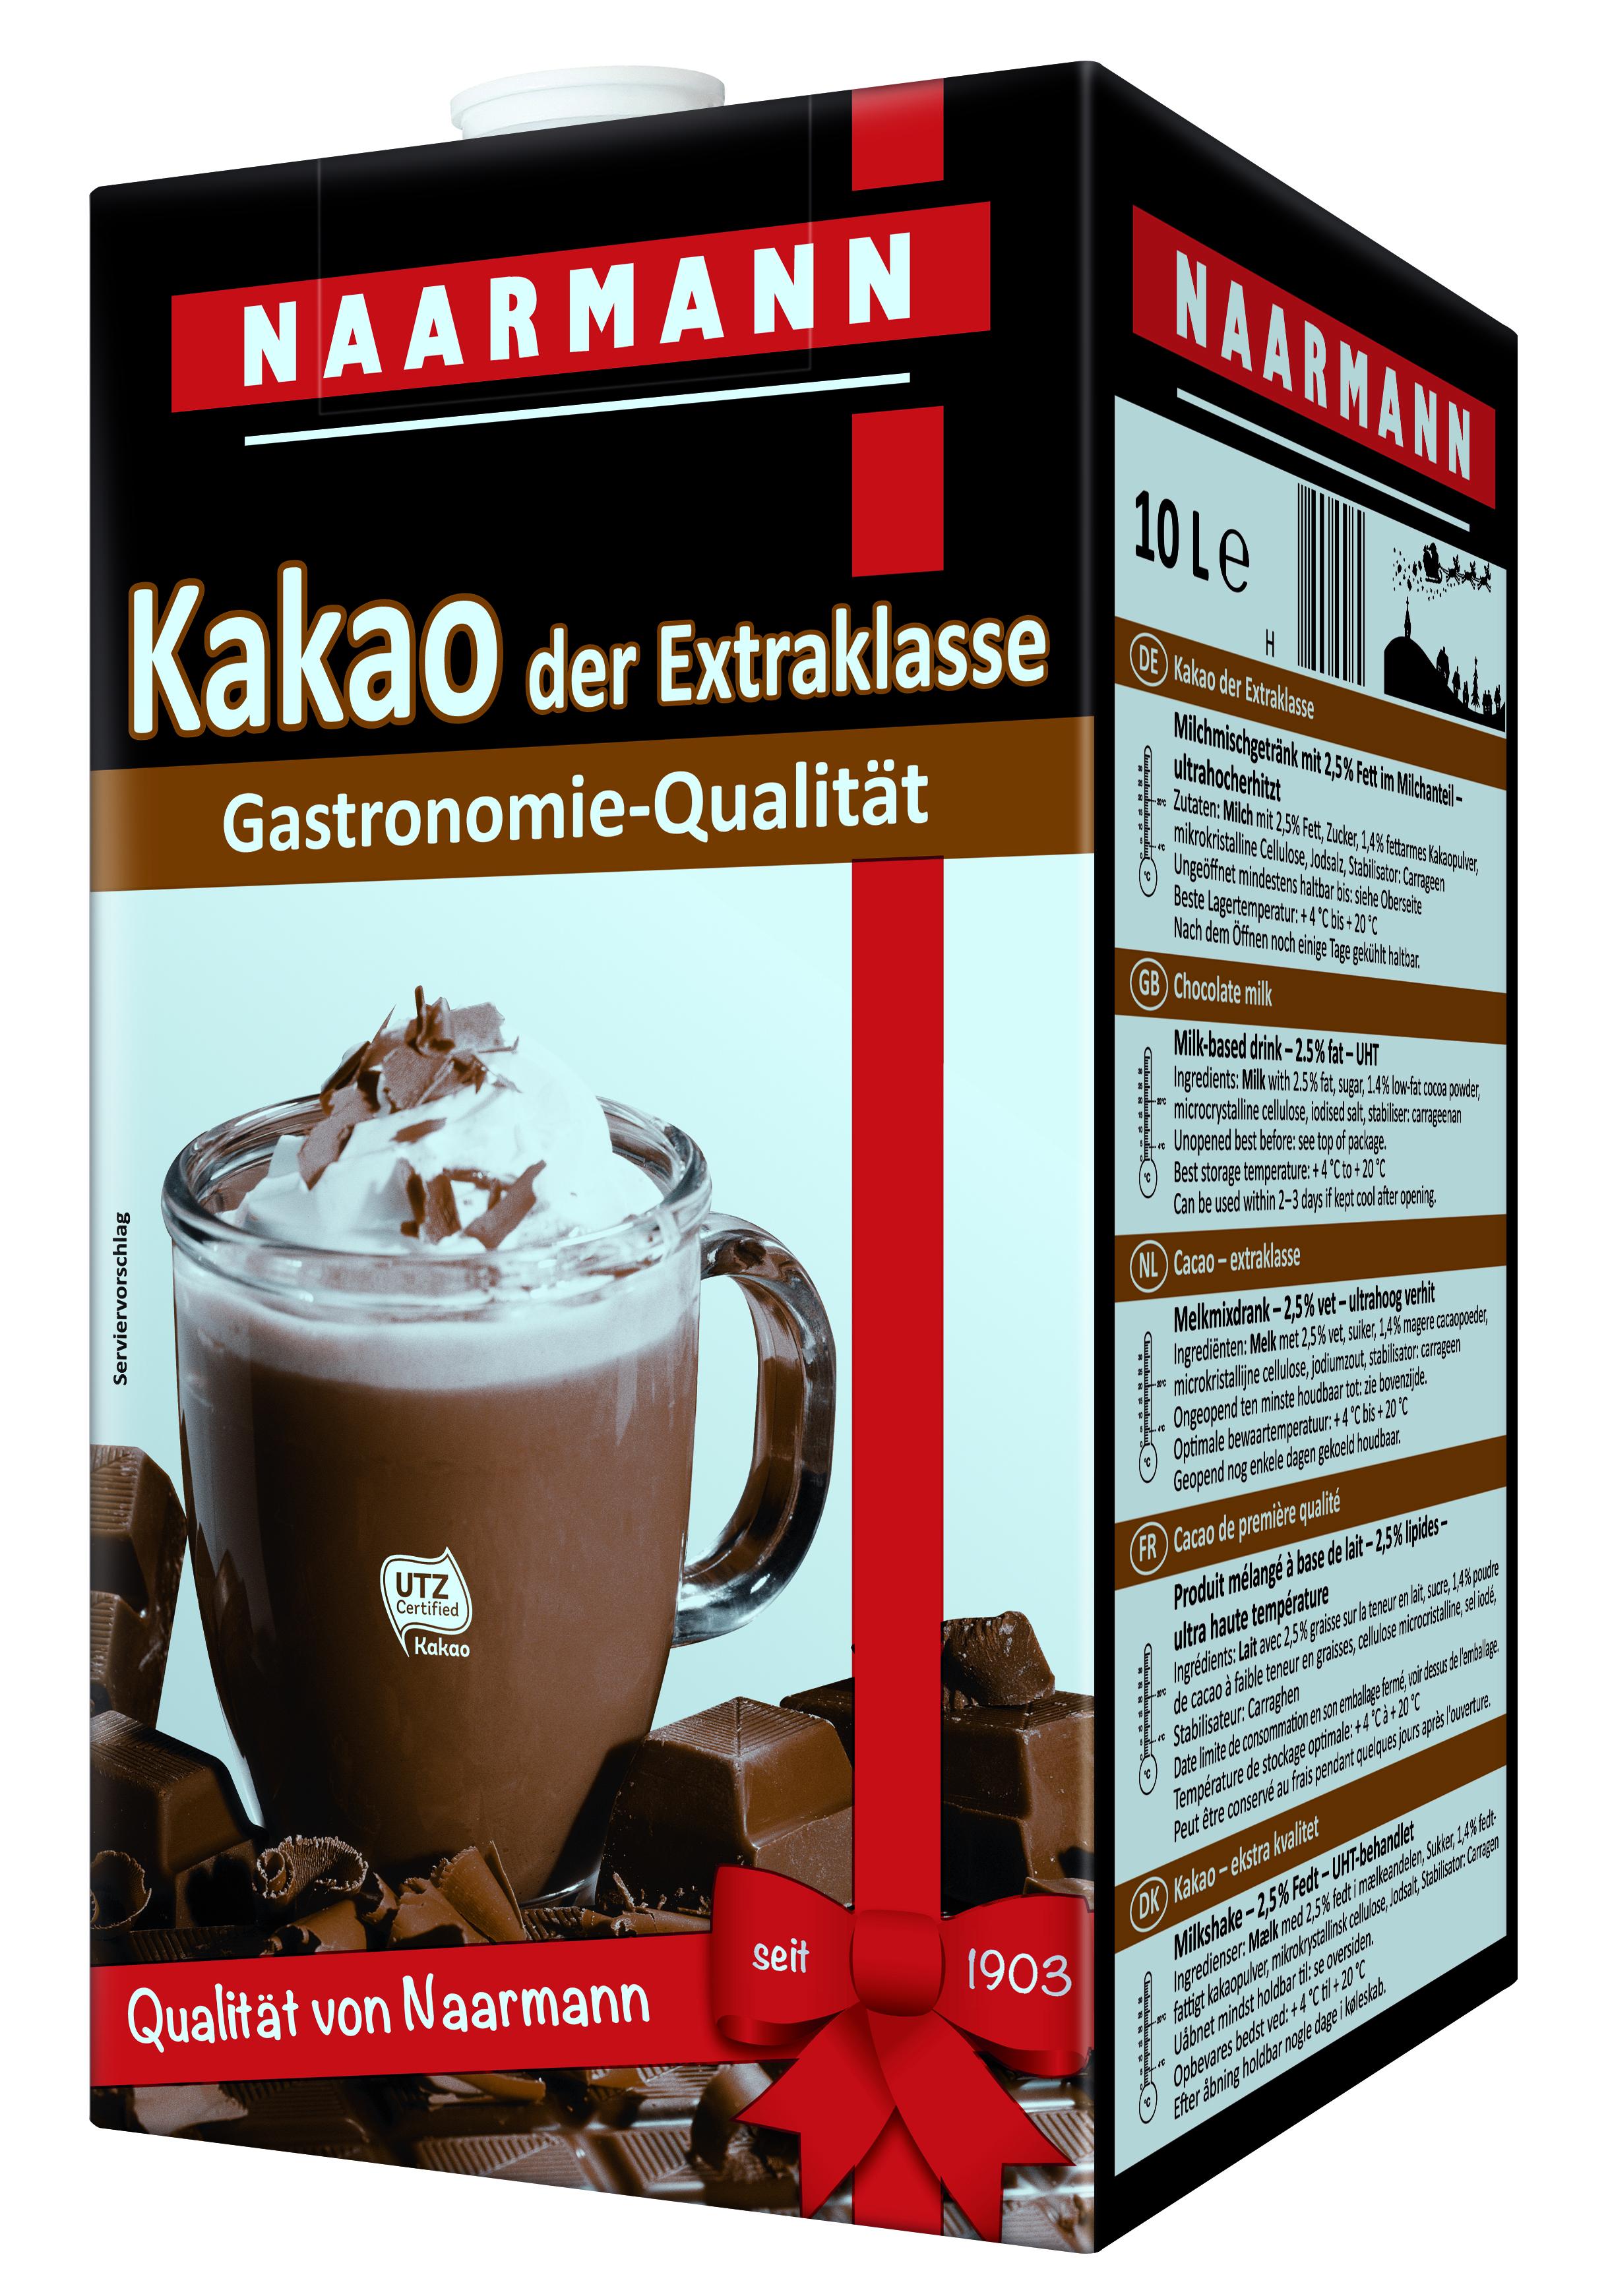 Naarmann Kakao der Extraklasse 2,5% Fett 10 Ltr.